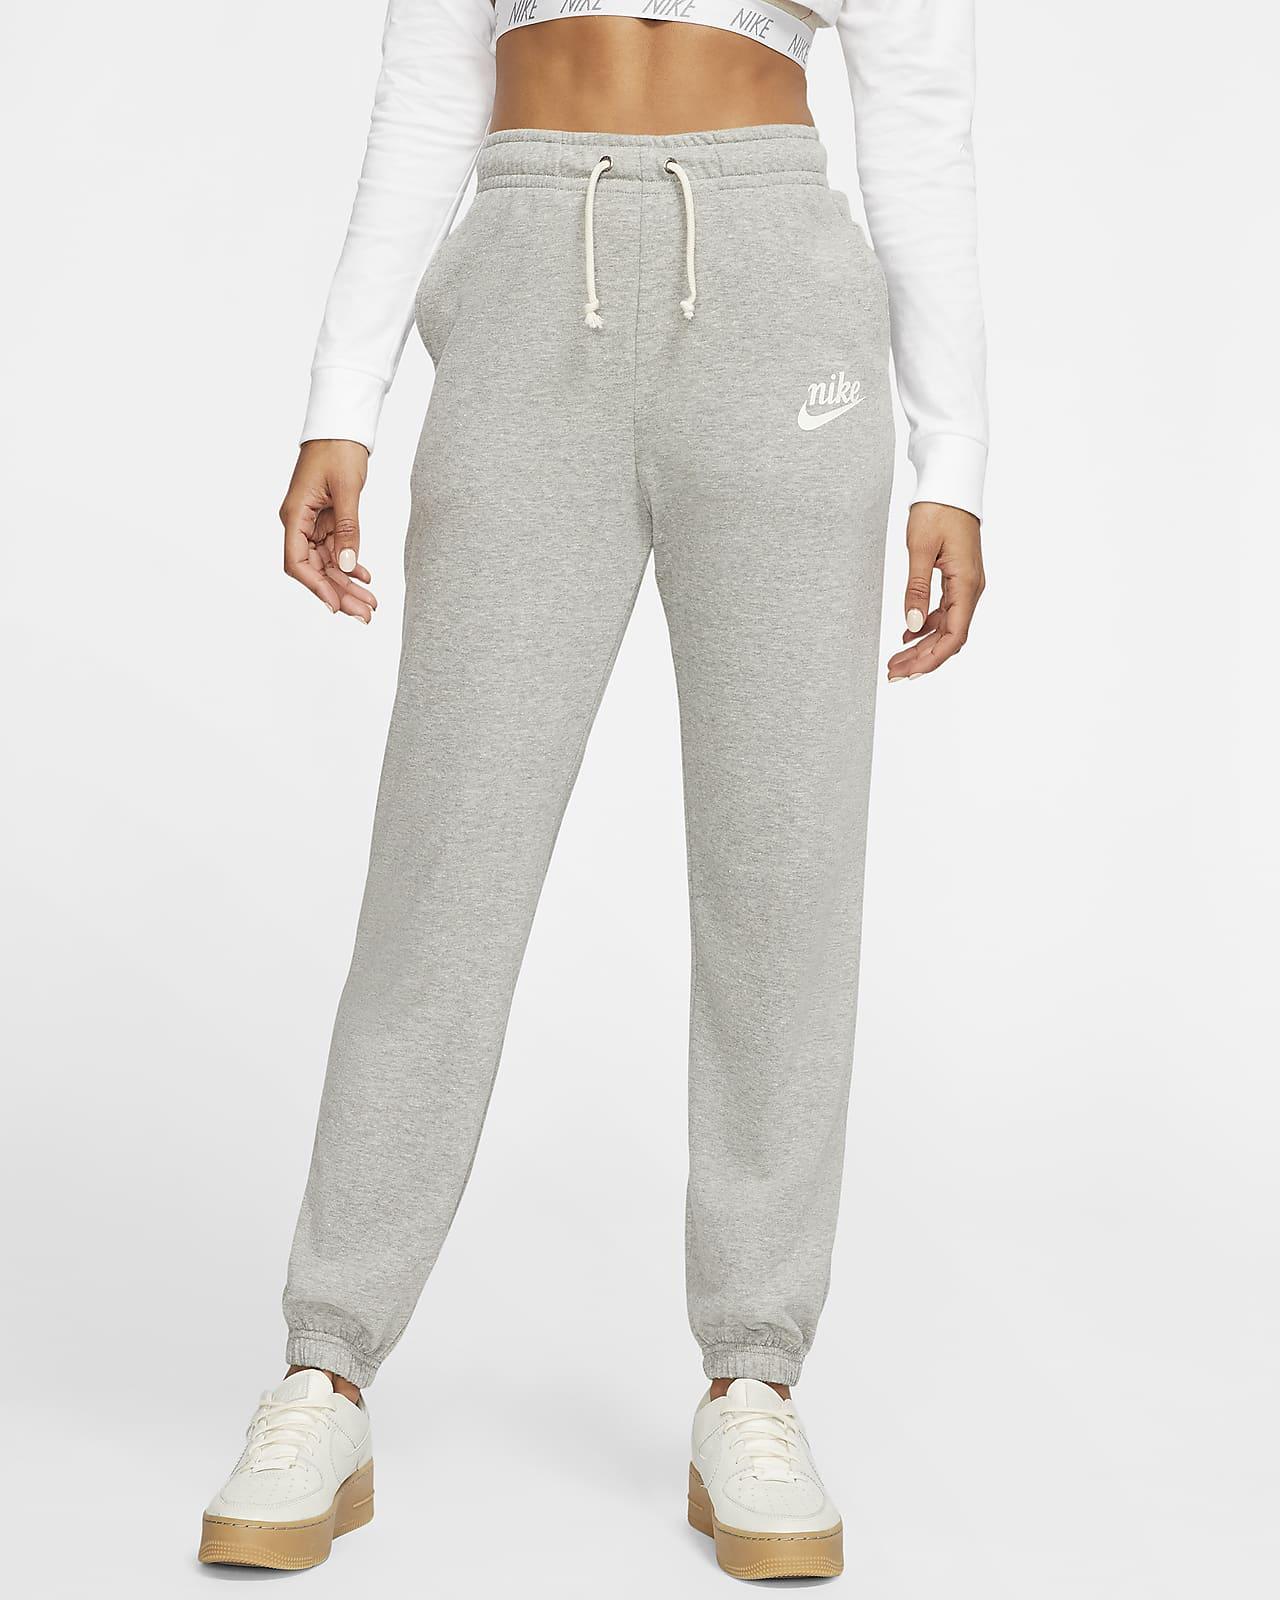 Nike Sportswear Gym Vintage Kadın Eşofman Altı